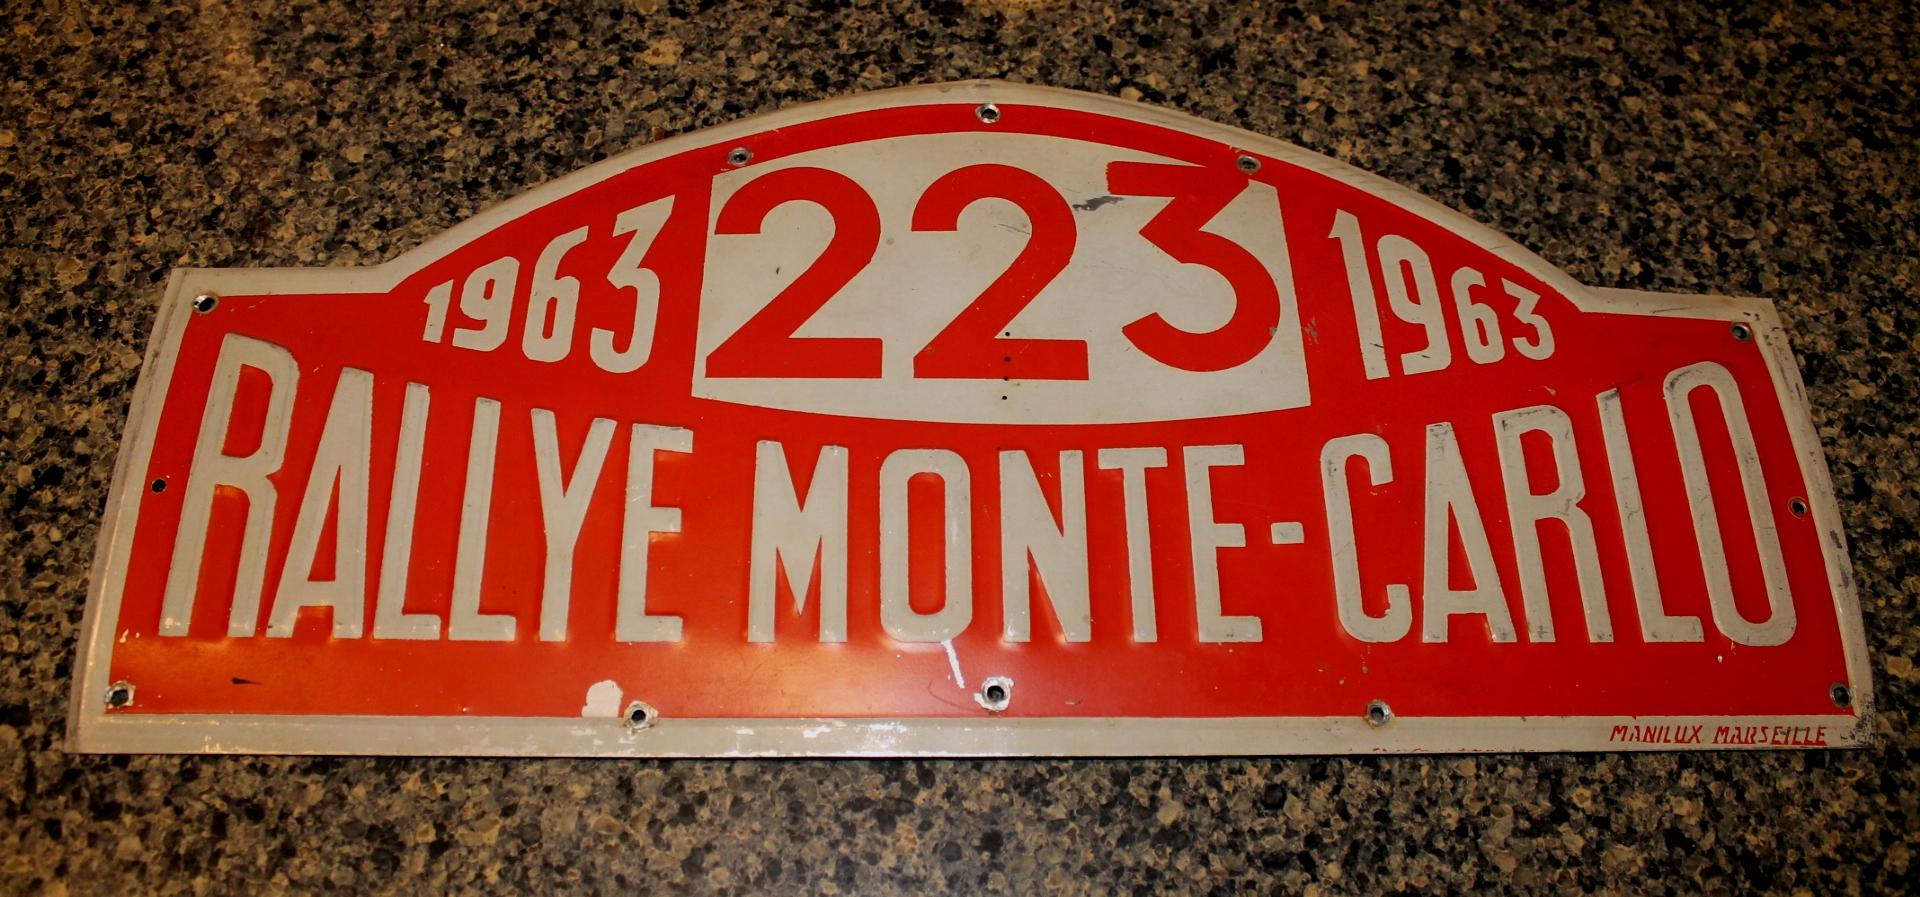 1963 Monte Carlo Rally Plate From Bo Ljungfeldt's Ford Falcon |